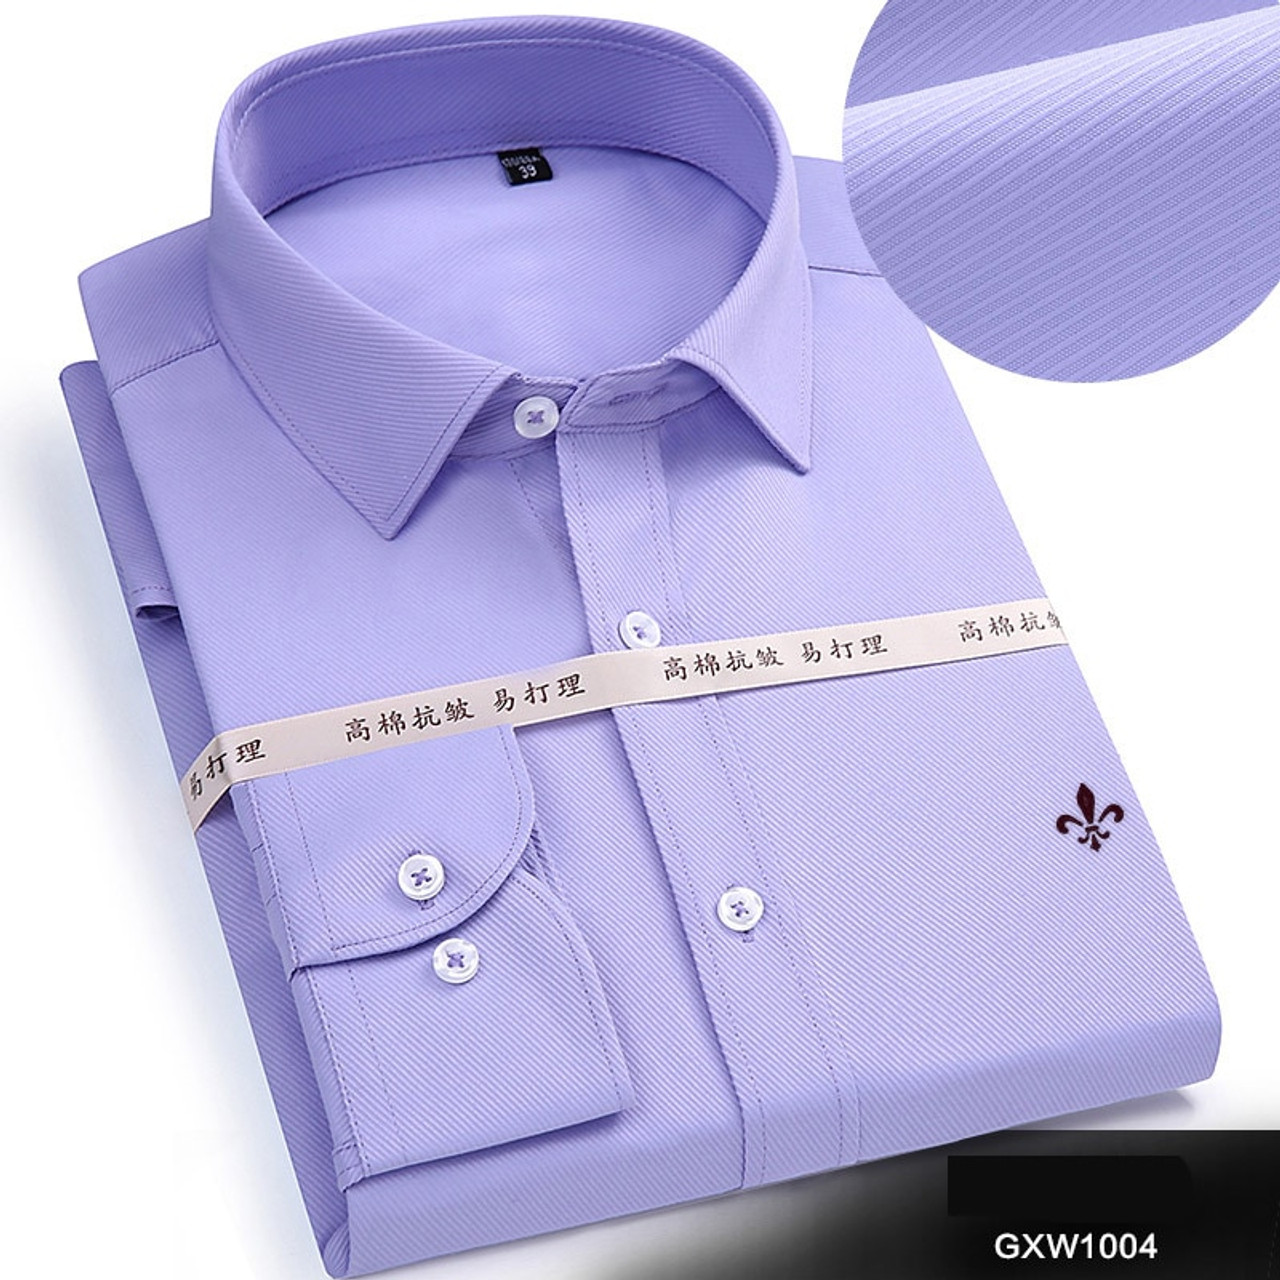 b9946b79e63d ... Dudalina 2017 Brand Men Shirt Male Dress Shirts Men's Fashion Casual Long  Sleeve Business Formal Shirt ...